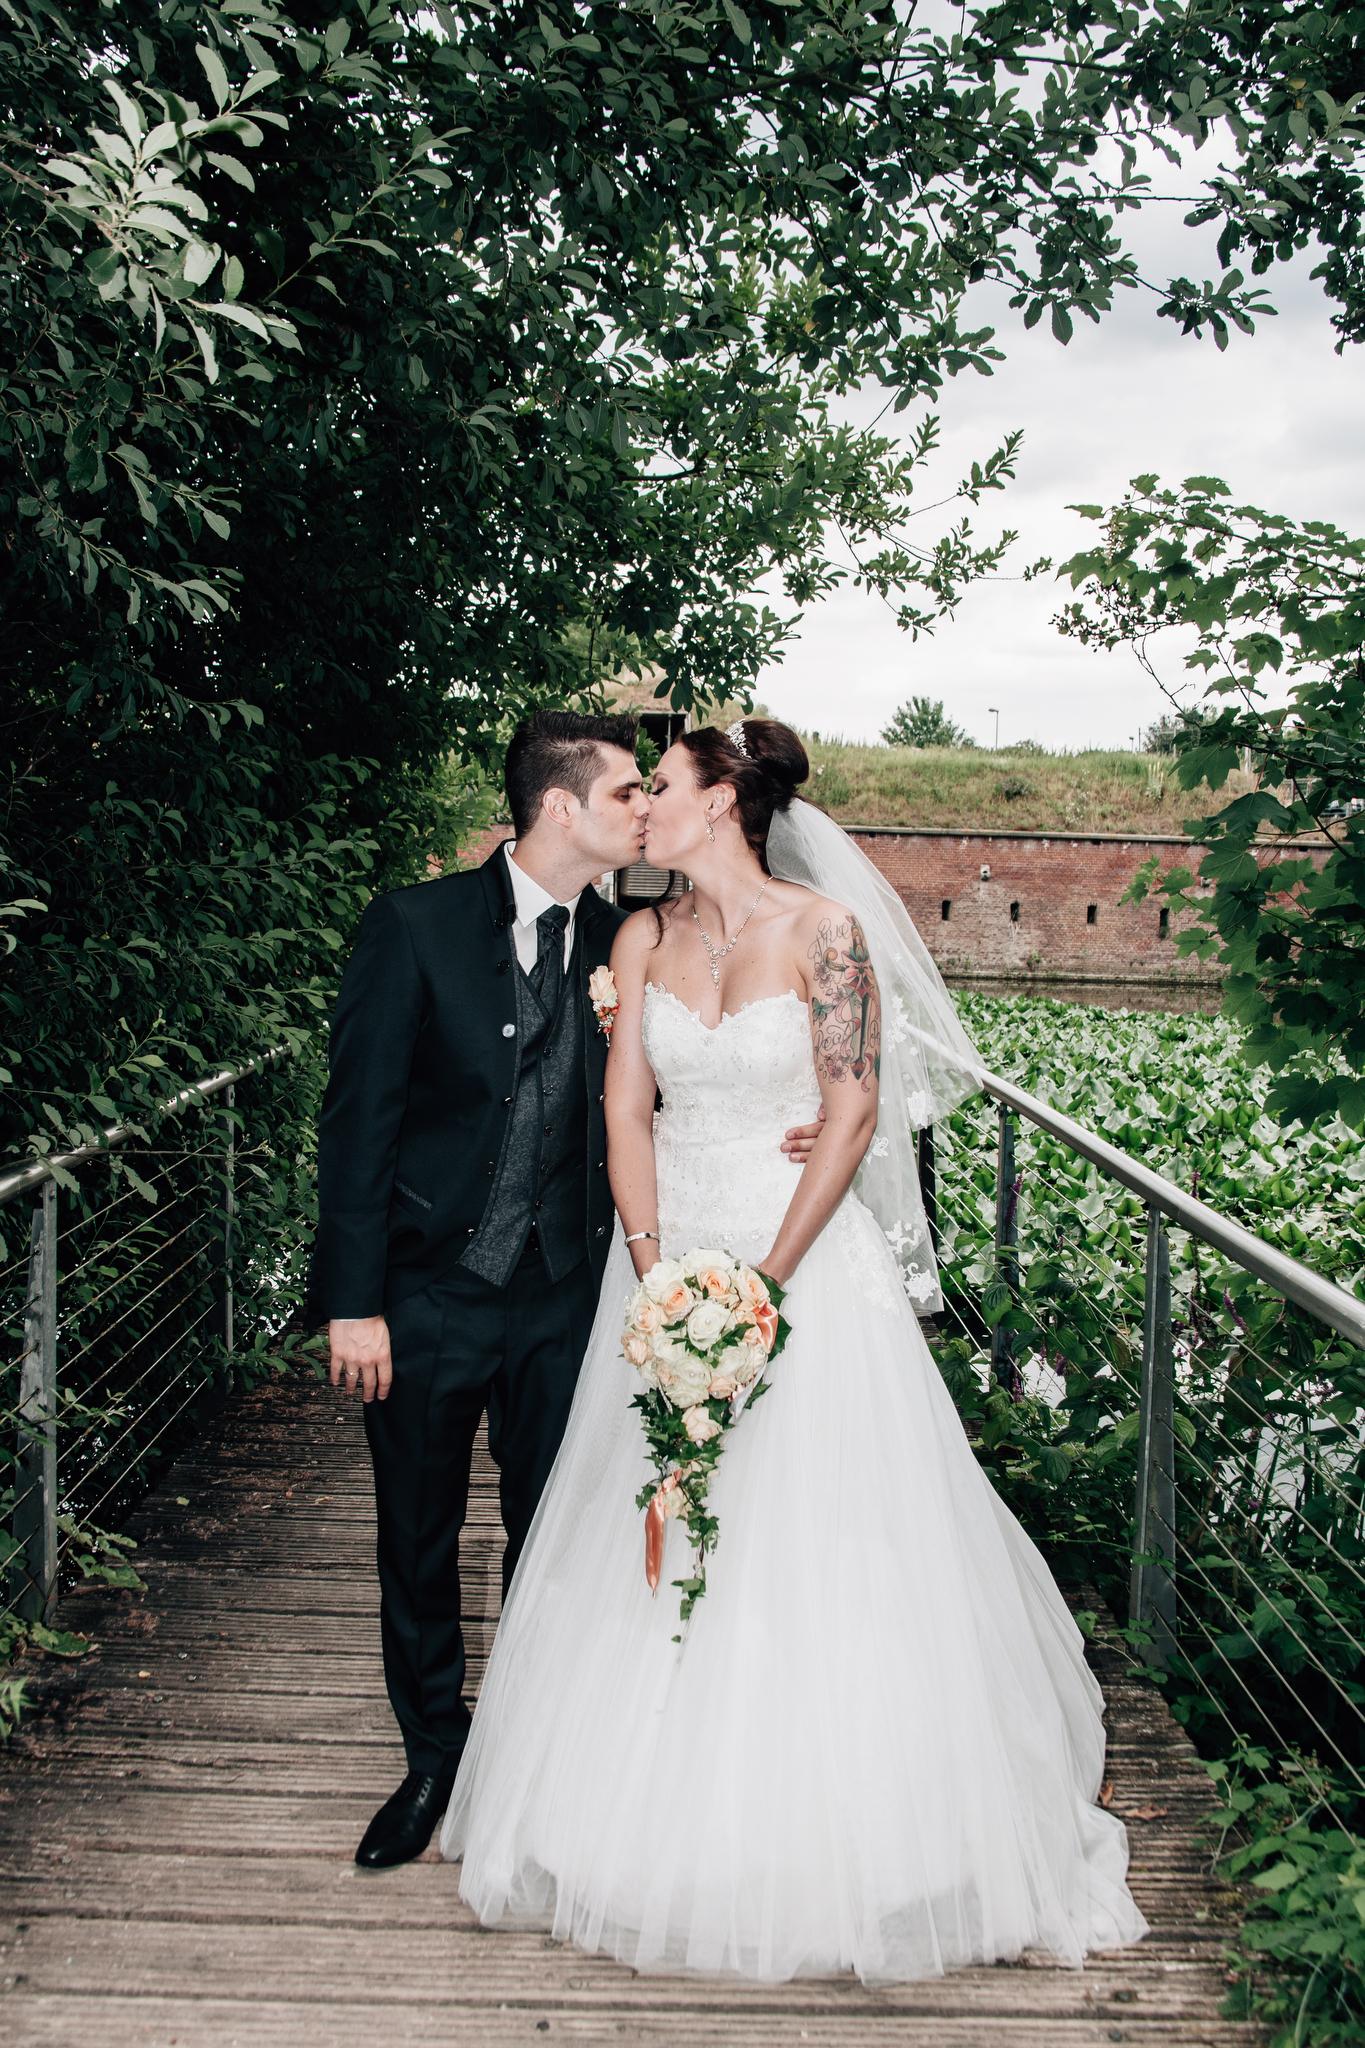 Claudia Krawinkel Fotografie Hochzeitsfotografie Hochzeit Blumenhalle im Brückenkopfpark Jülich Essen Düsseldorf Bochum Dortmund Mönchengladbach NRW Ruhrgebiet 76